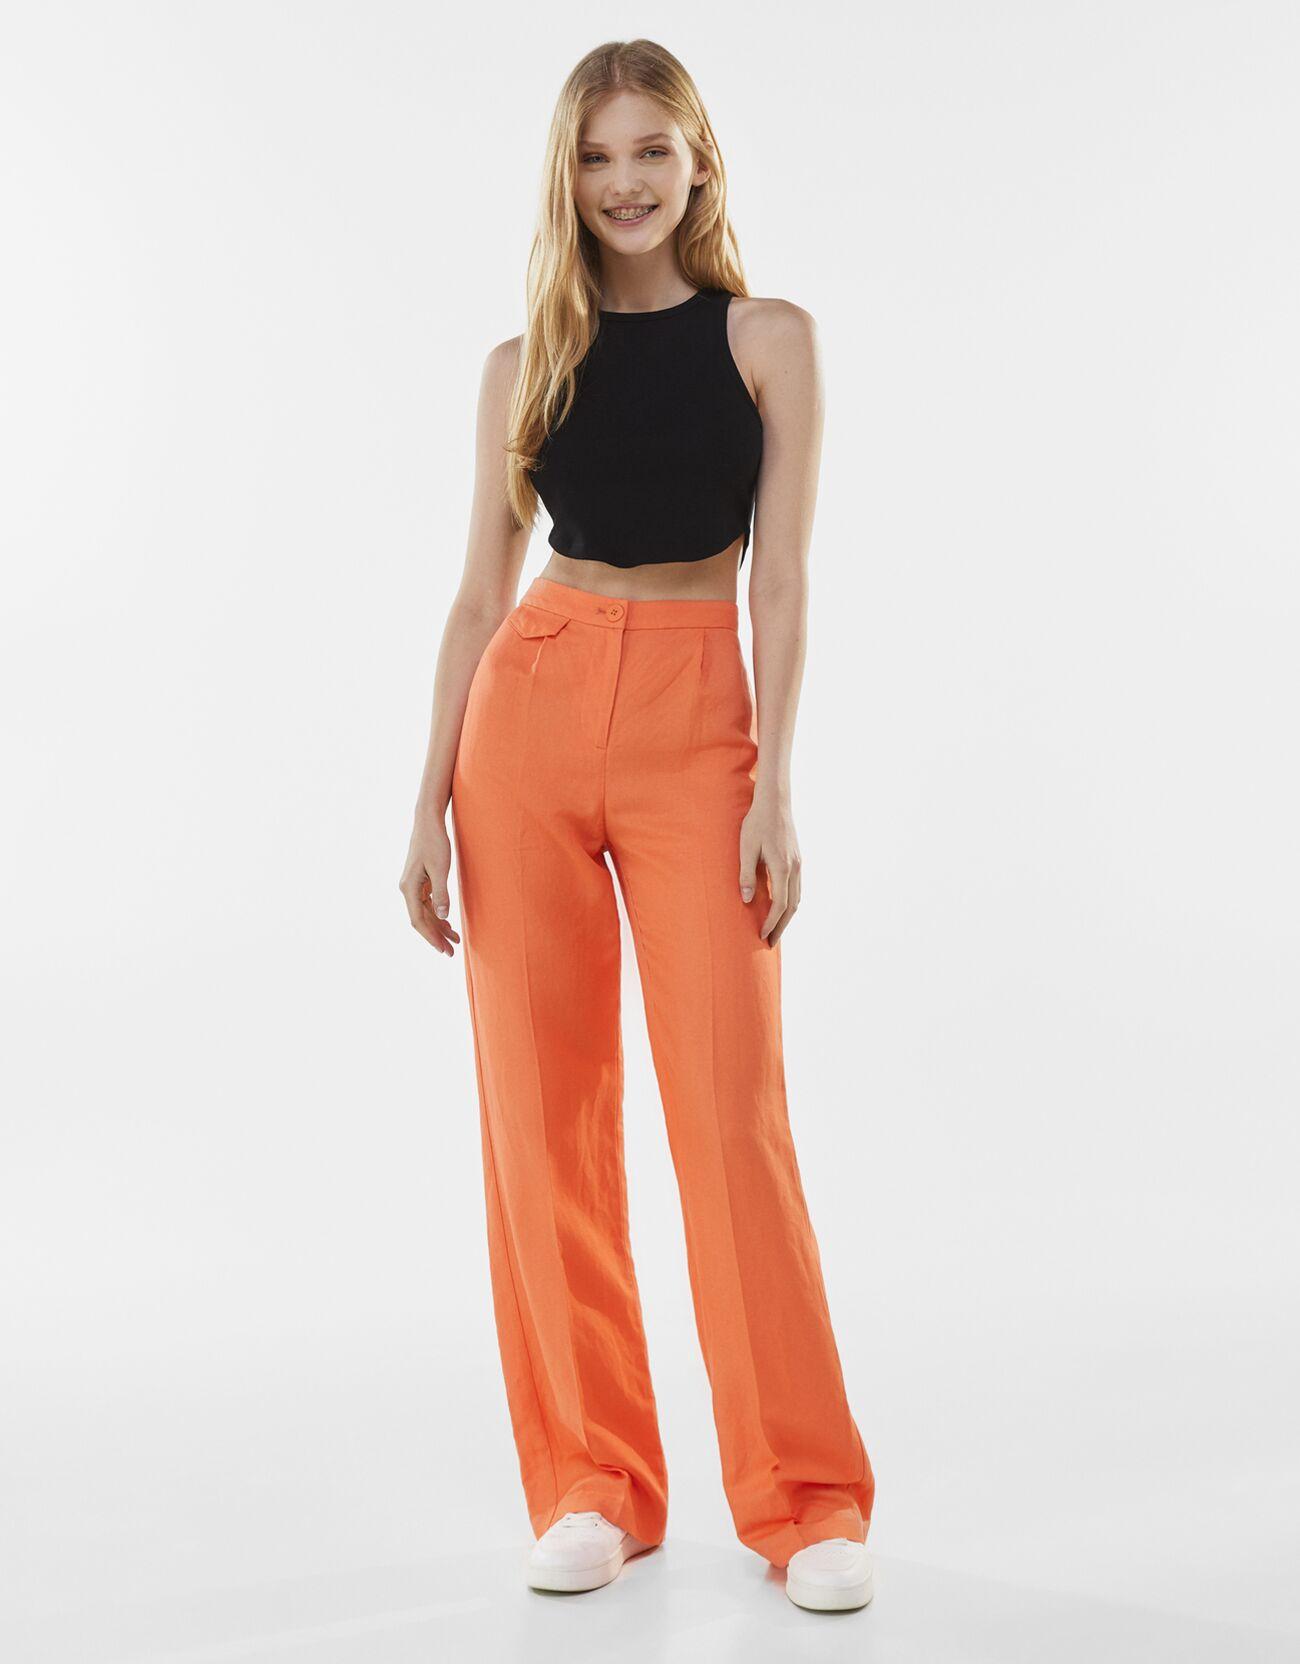 Pantalon à pinces en lin mélangé, Bershka, 25,99€.